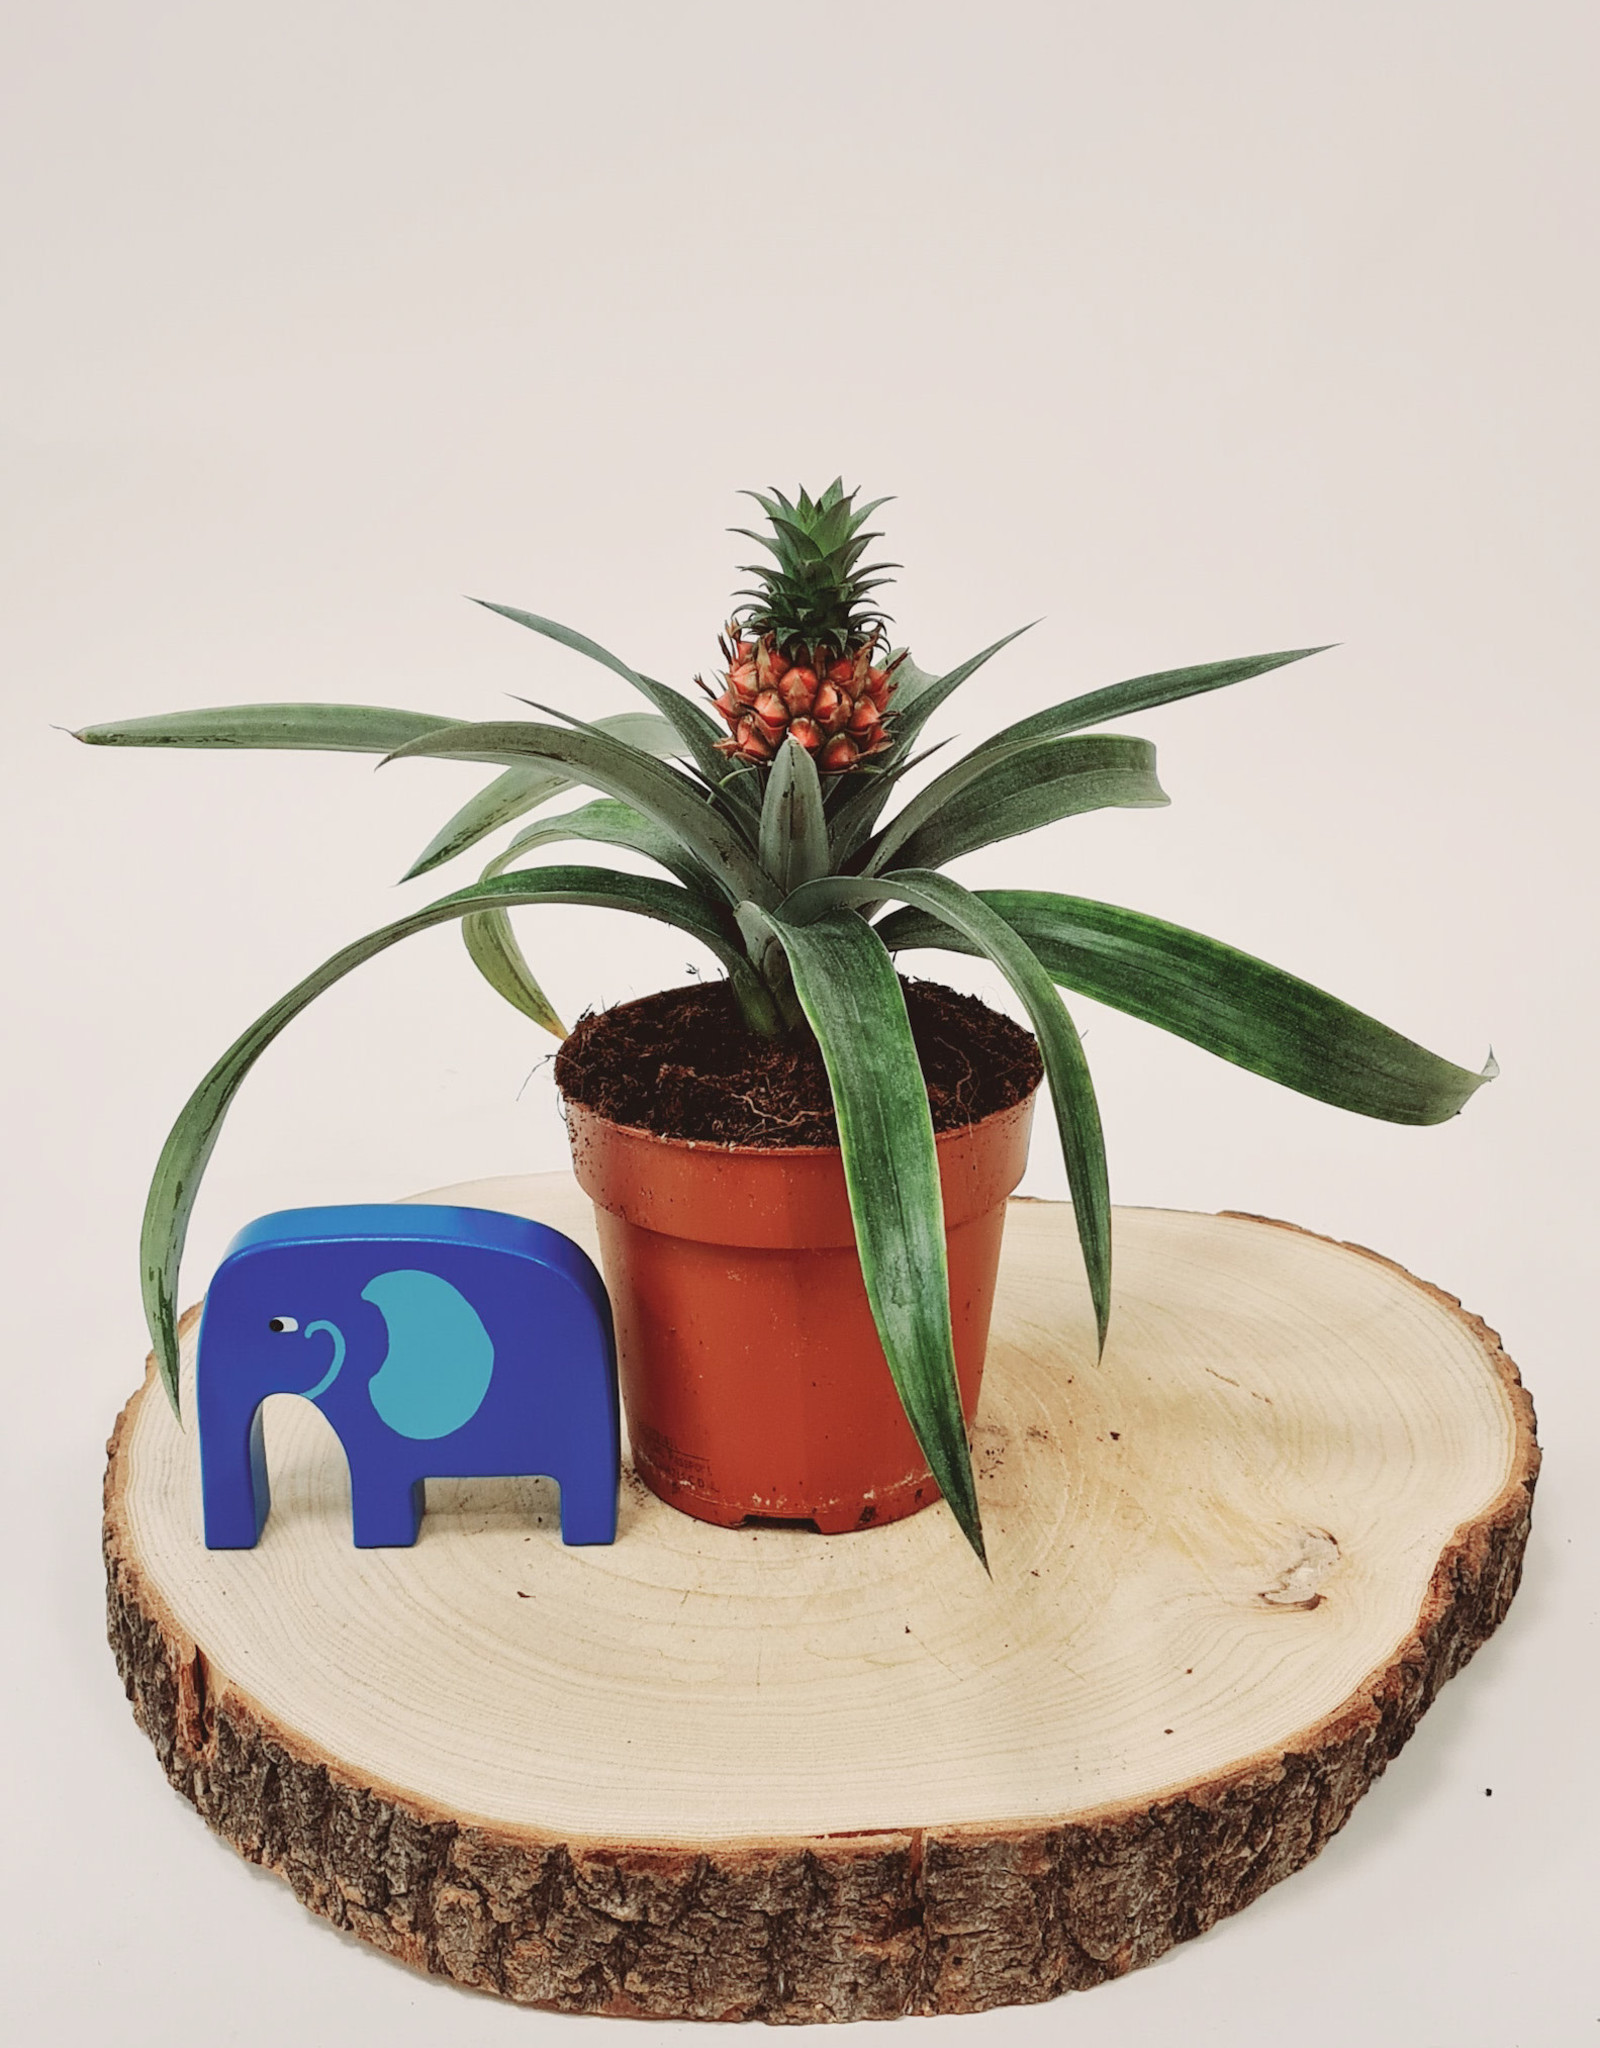 Ananas Ananas mi amigo D12